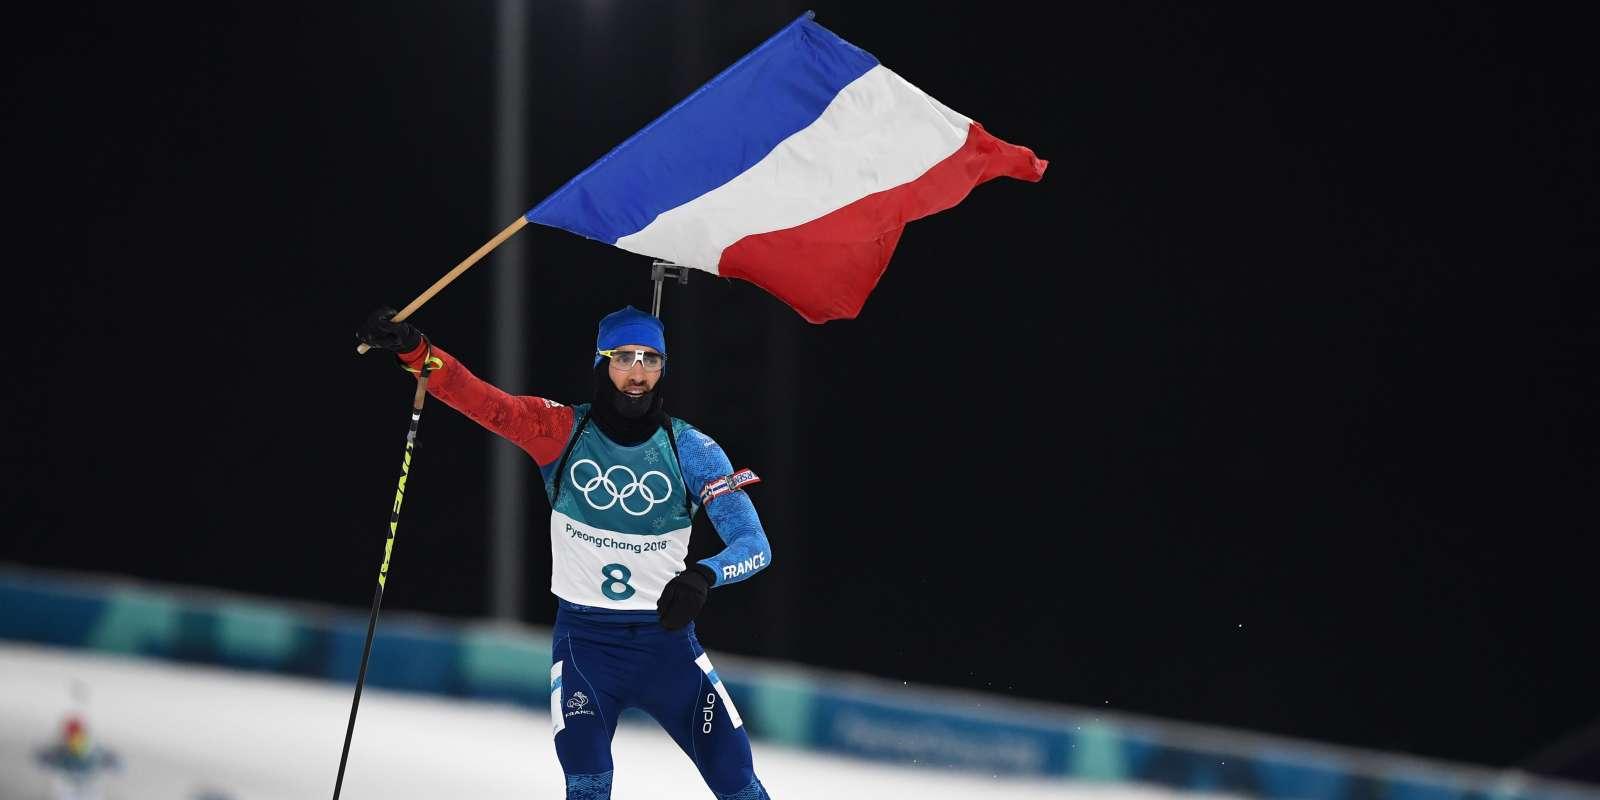 Jo D'hiver 2018 : Le Français Martin Fourcade Sacré Champion serapportantà Cauchemar Poursuite